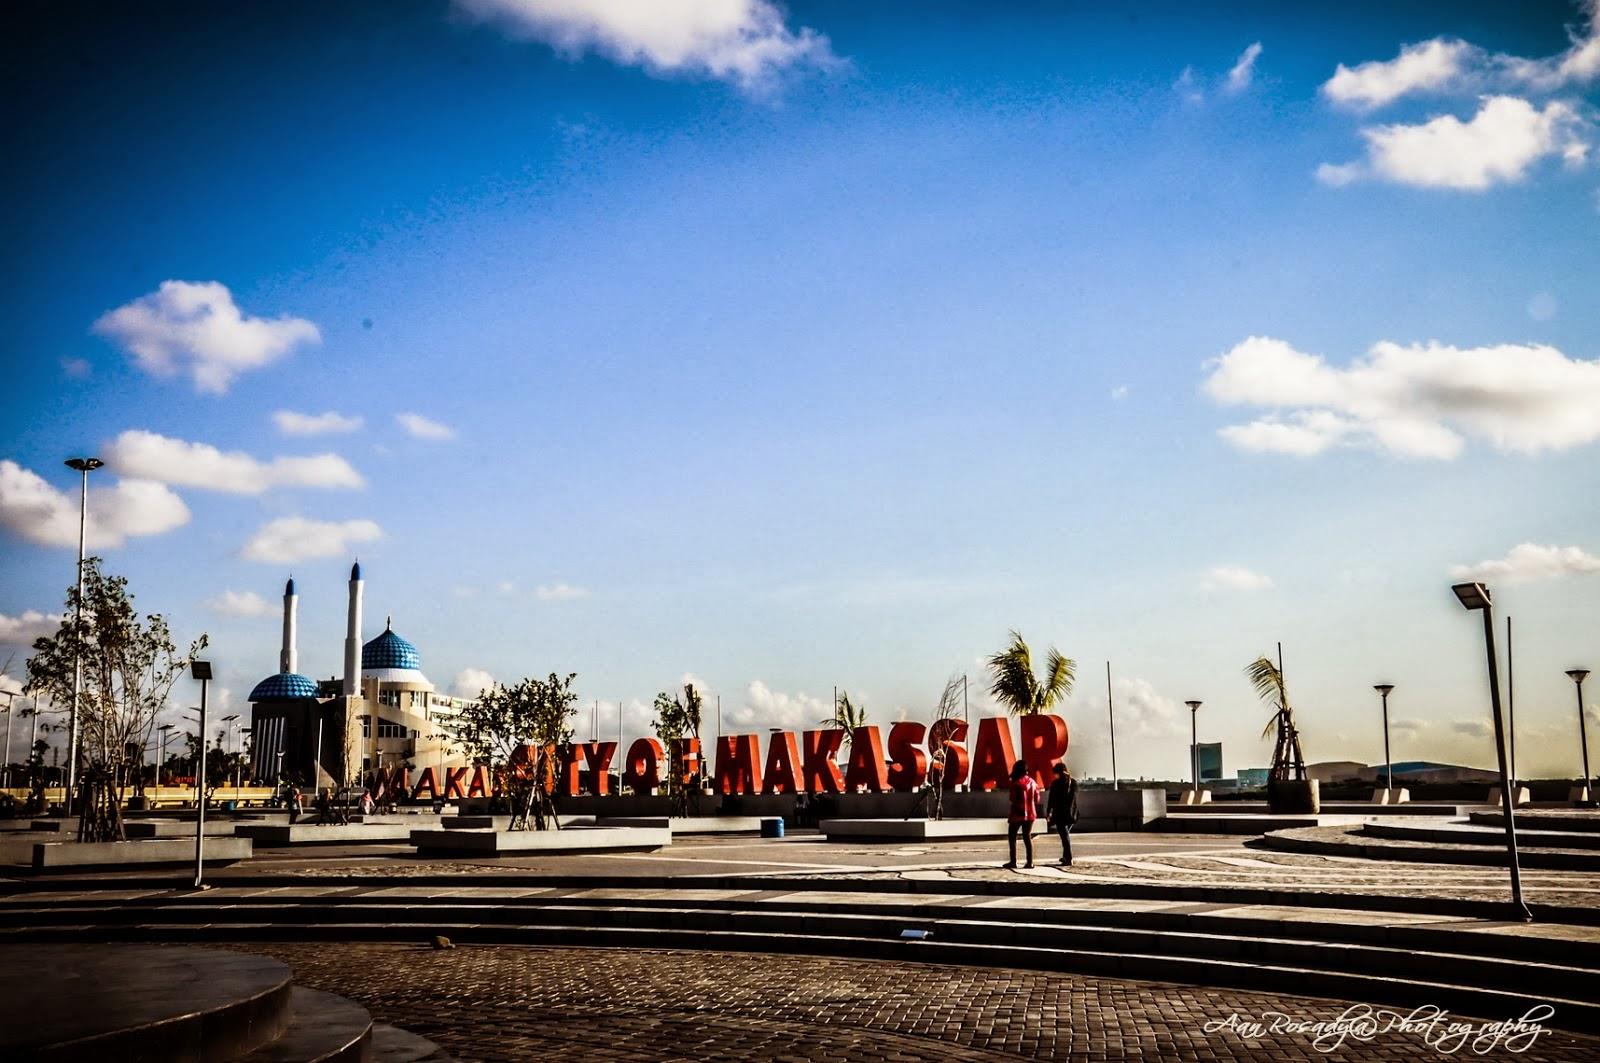 Logat Makassar